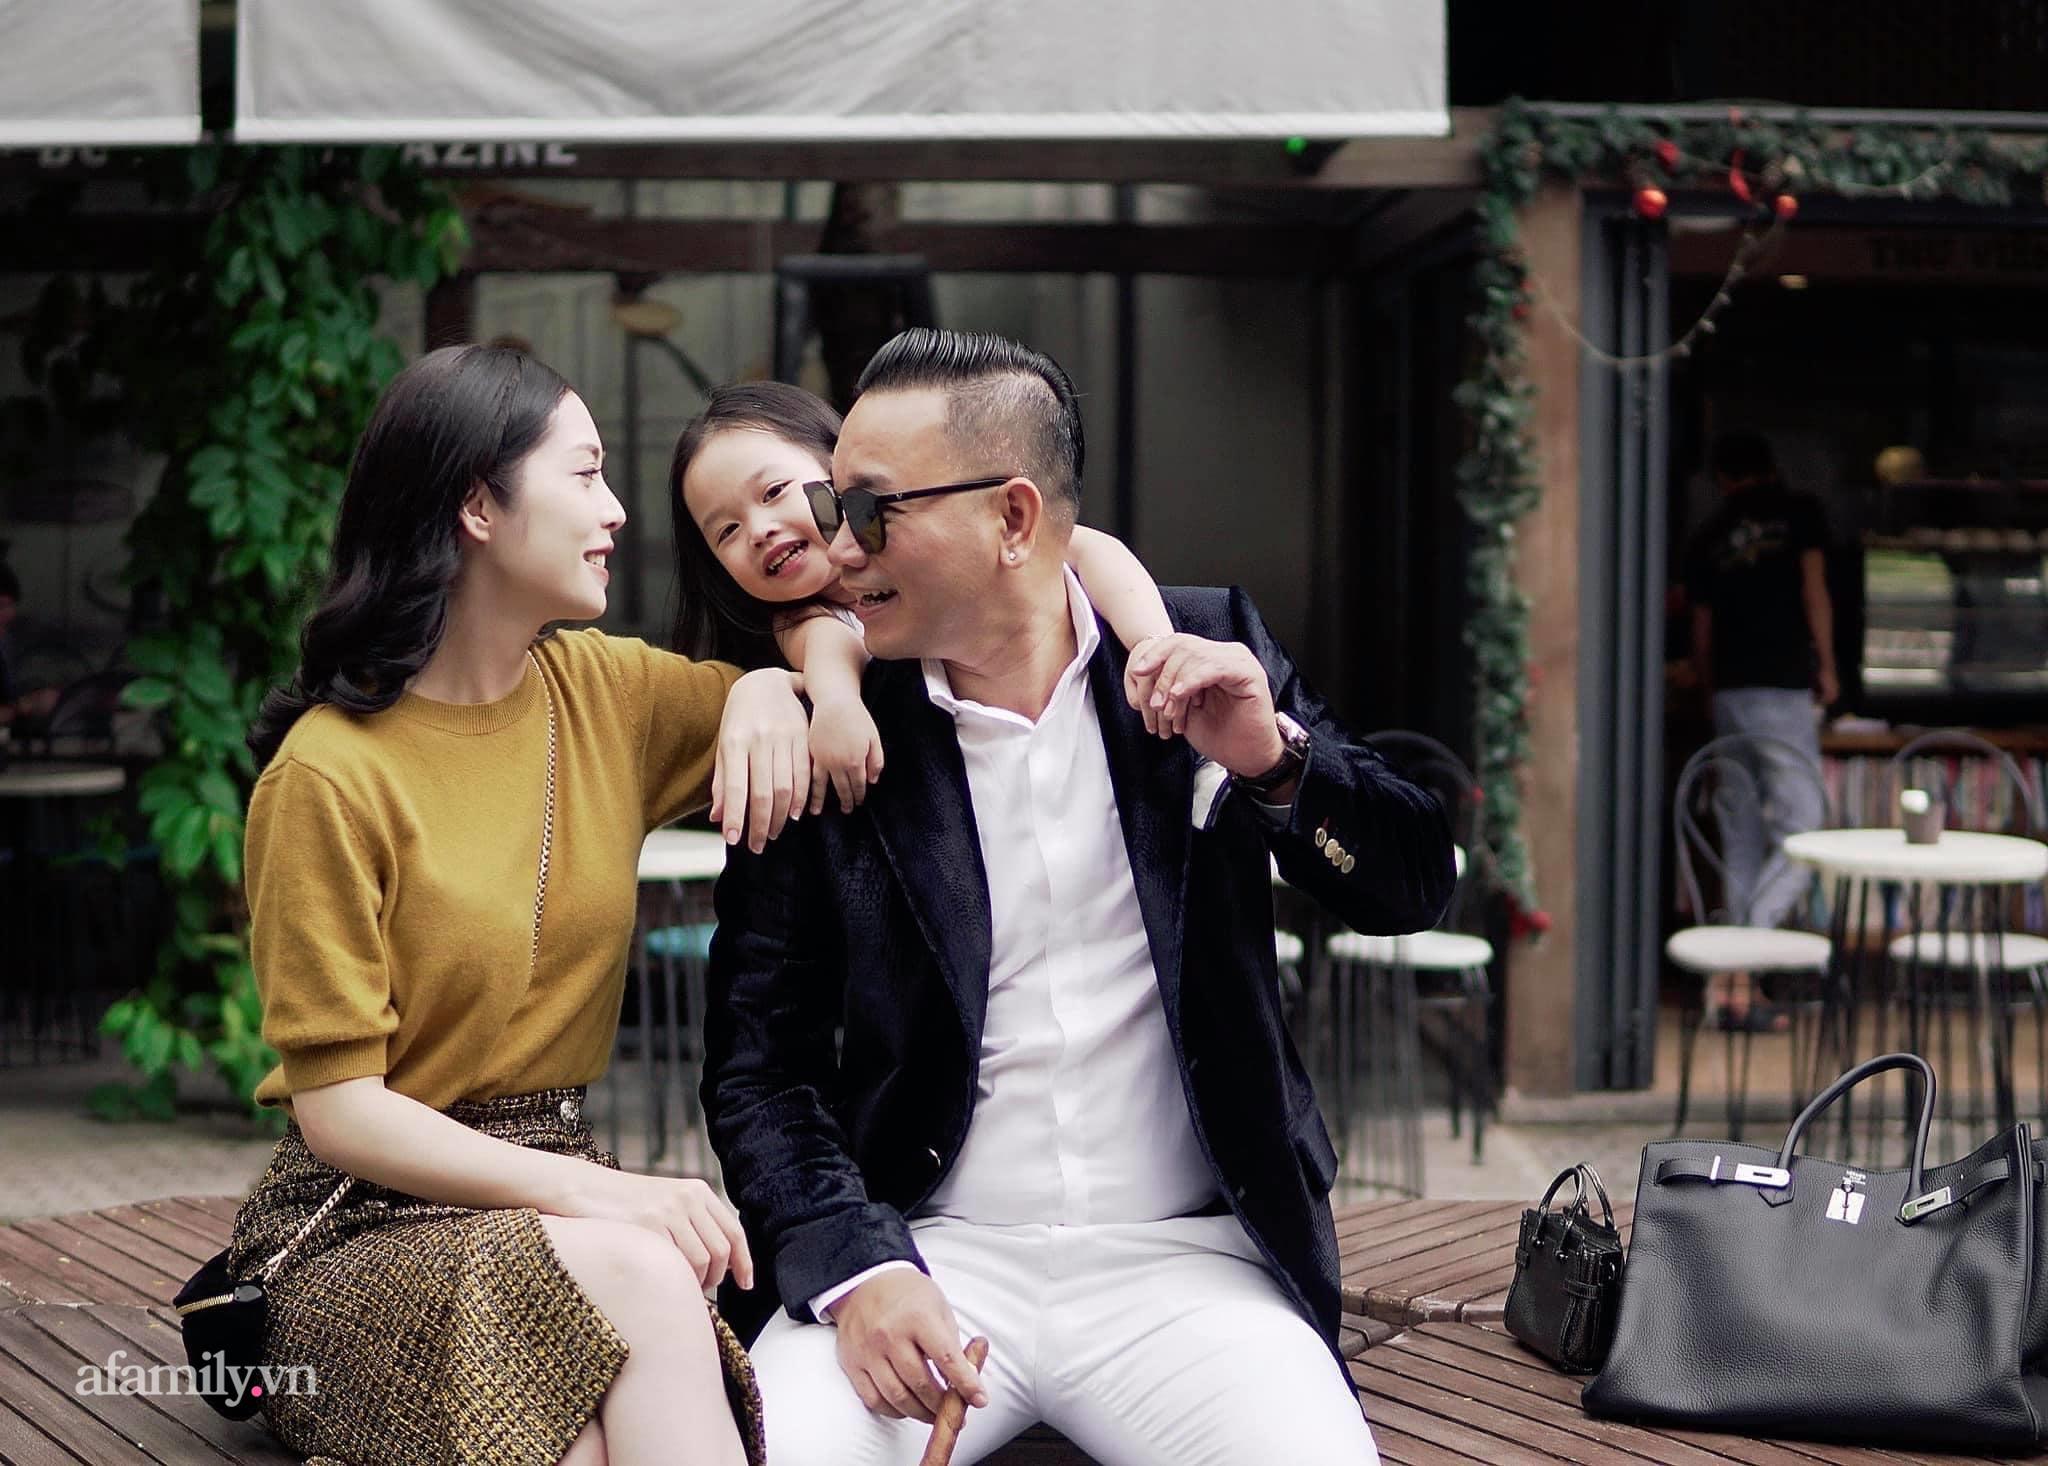 Phu nhân nhà Chương Tailor – khi áp lực không chỉ là mặc đẹp mà còn là cái tâm cùng chồng xây dựng thương hiệu - Ảnh 5.